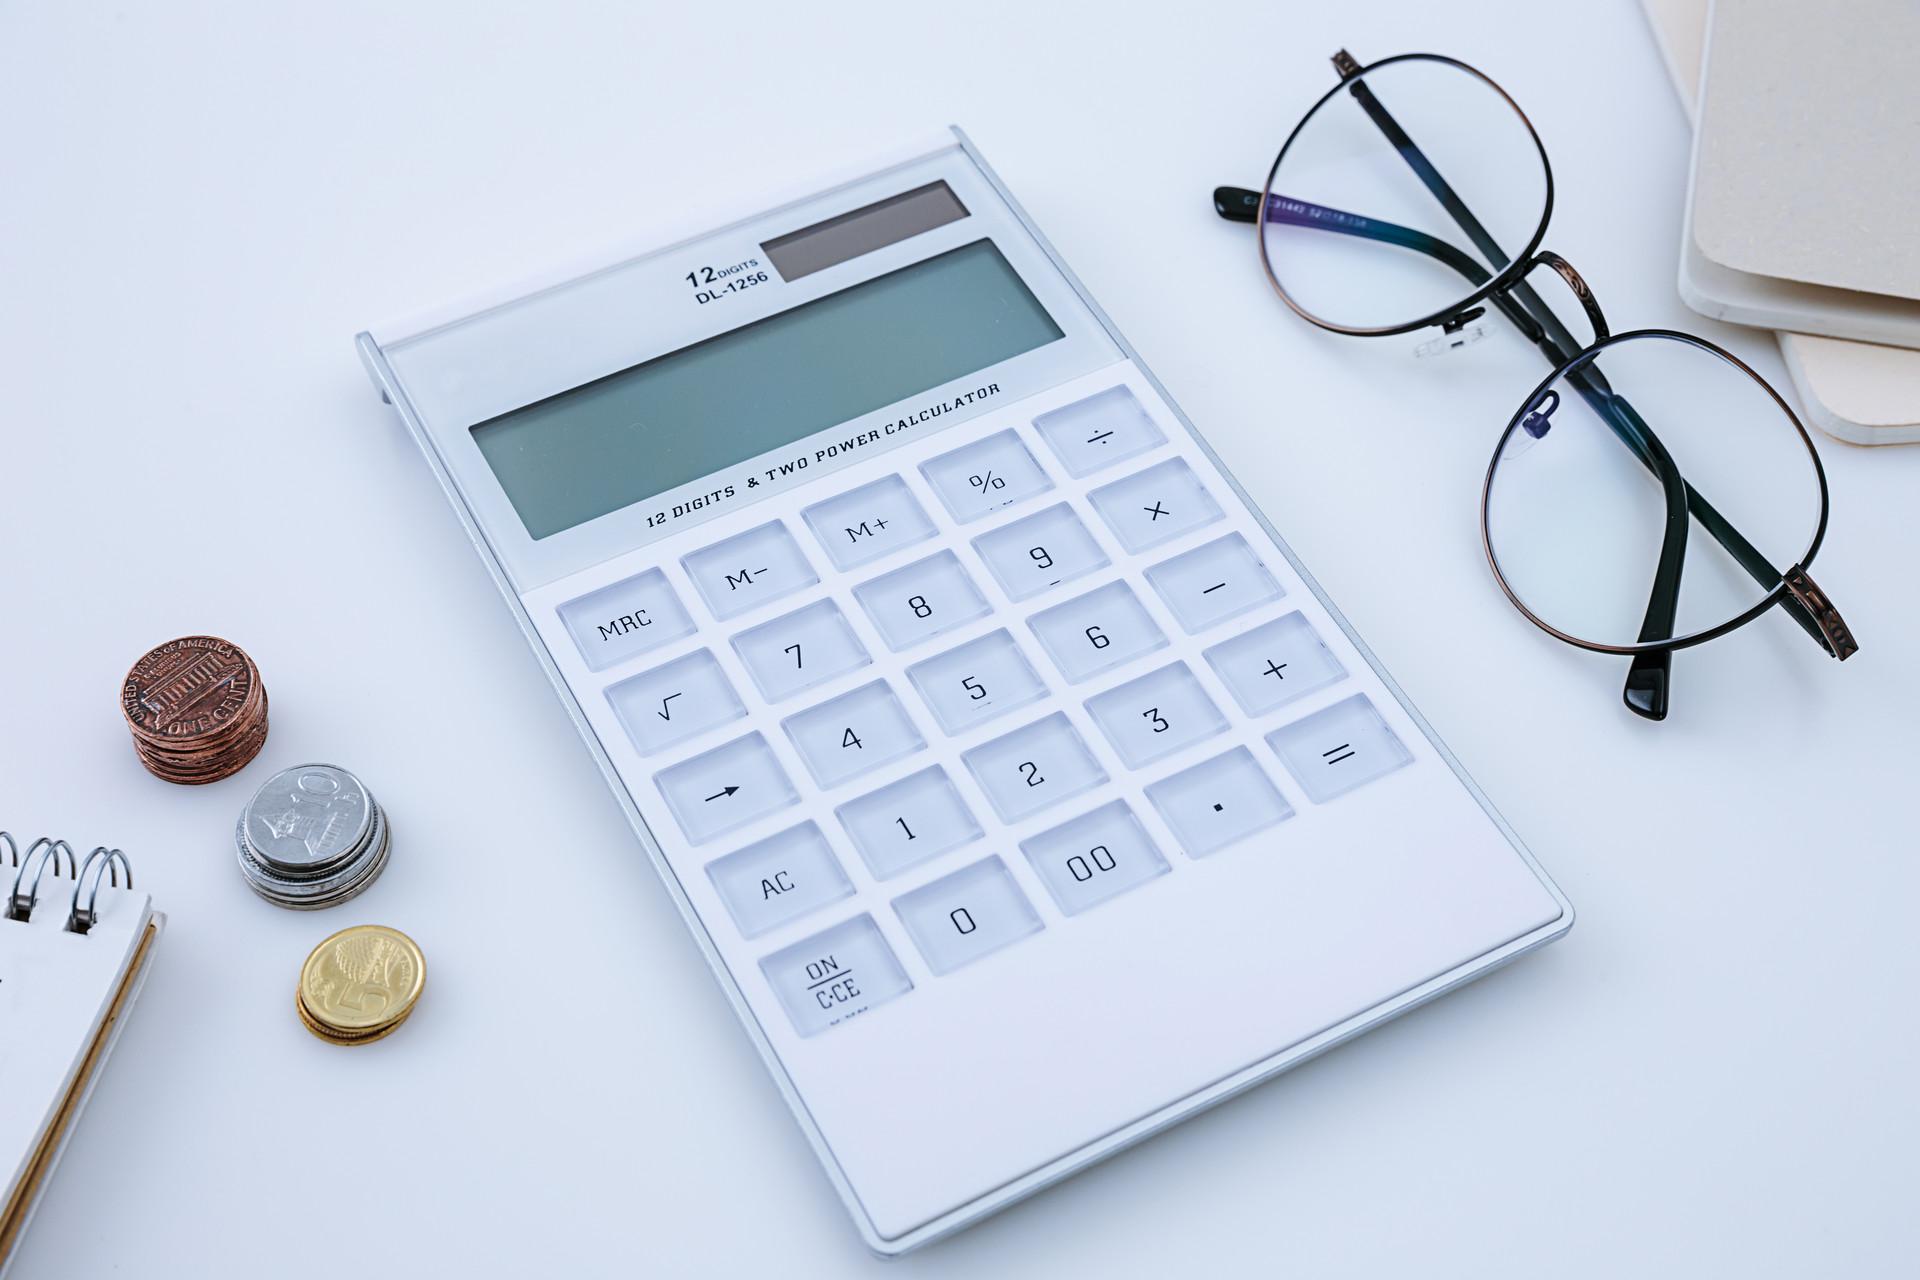 薪资代发优点是什么?靠谱吗?